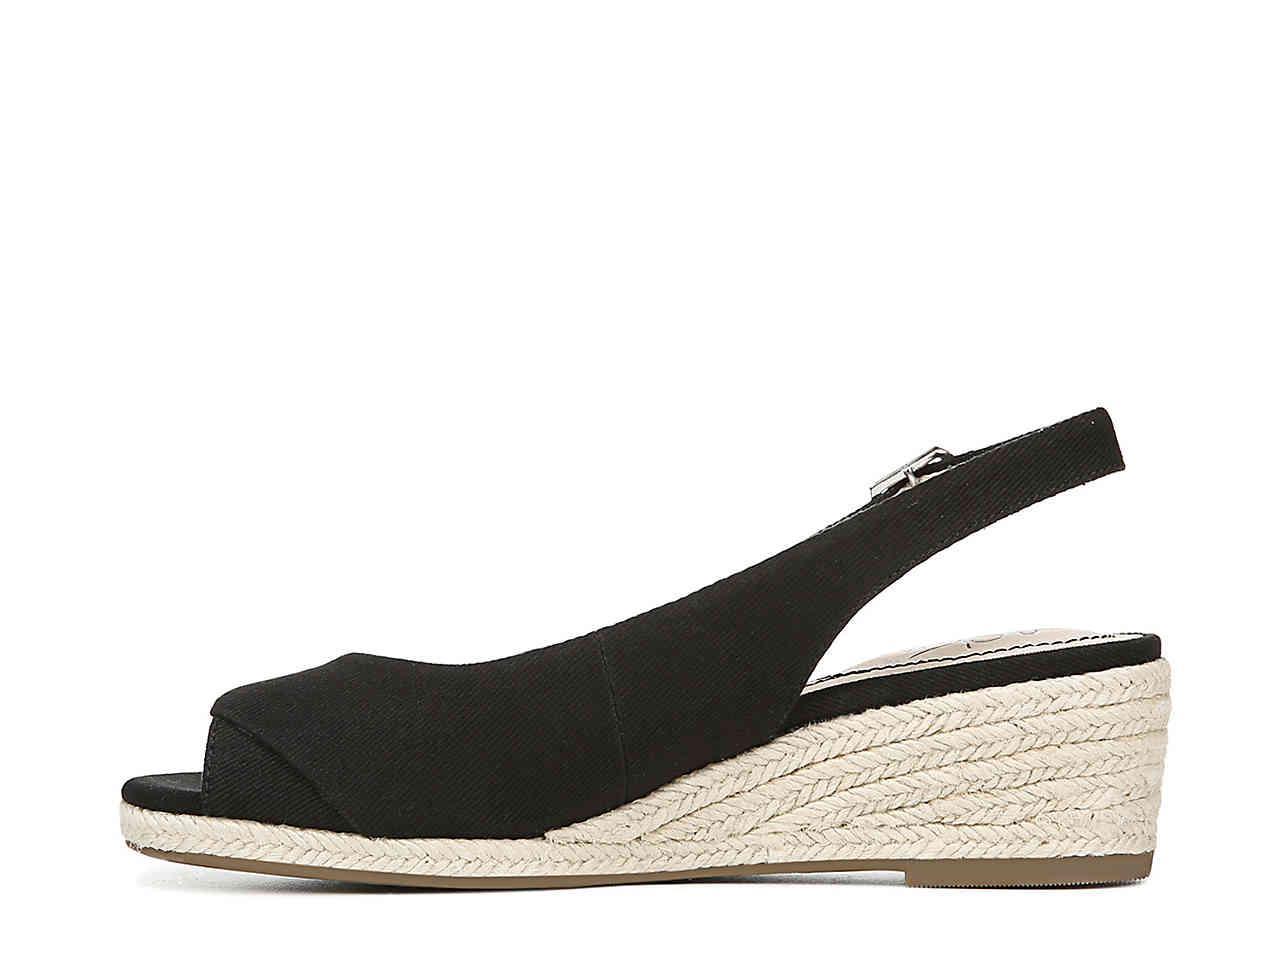 7b751f1308b Women's Black Socialite Espadrille Wedge Sandal